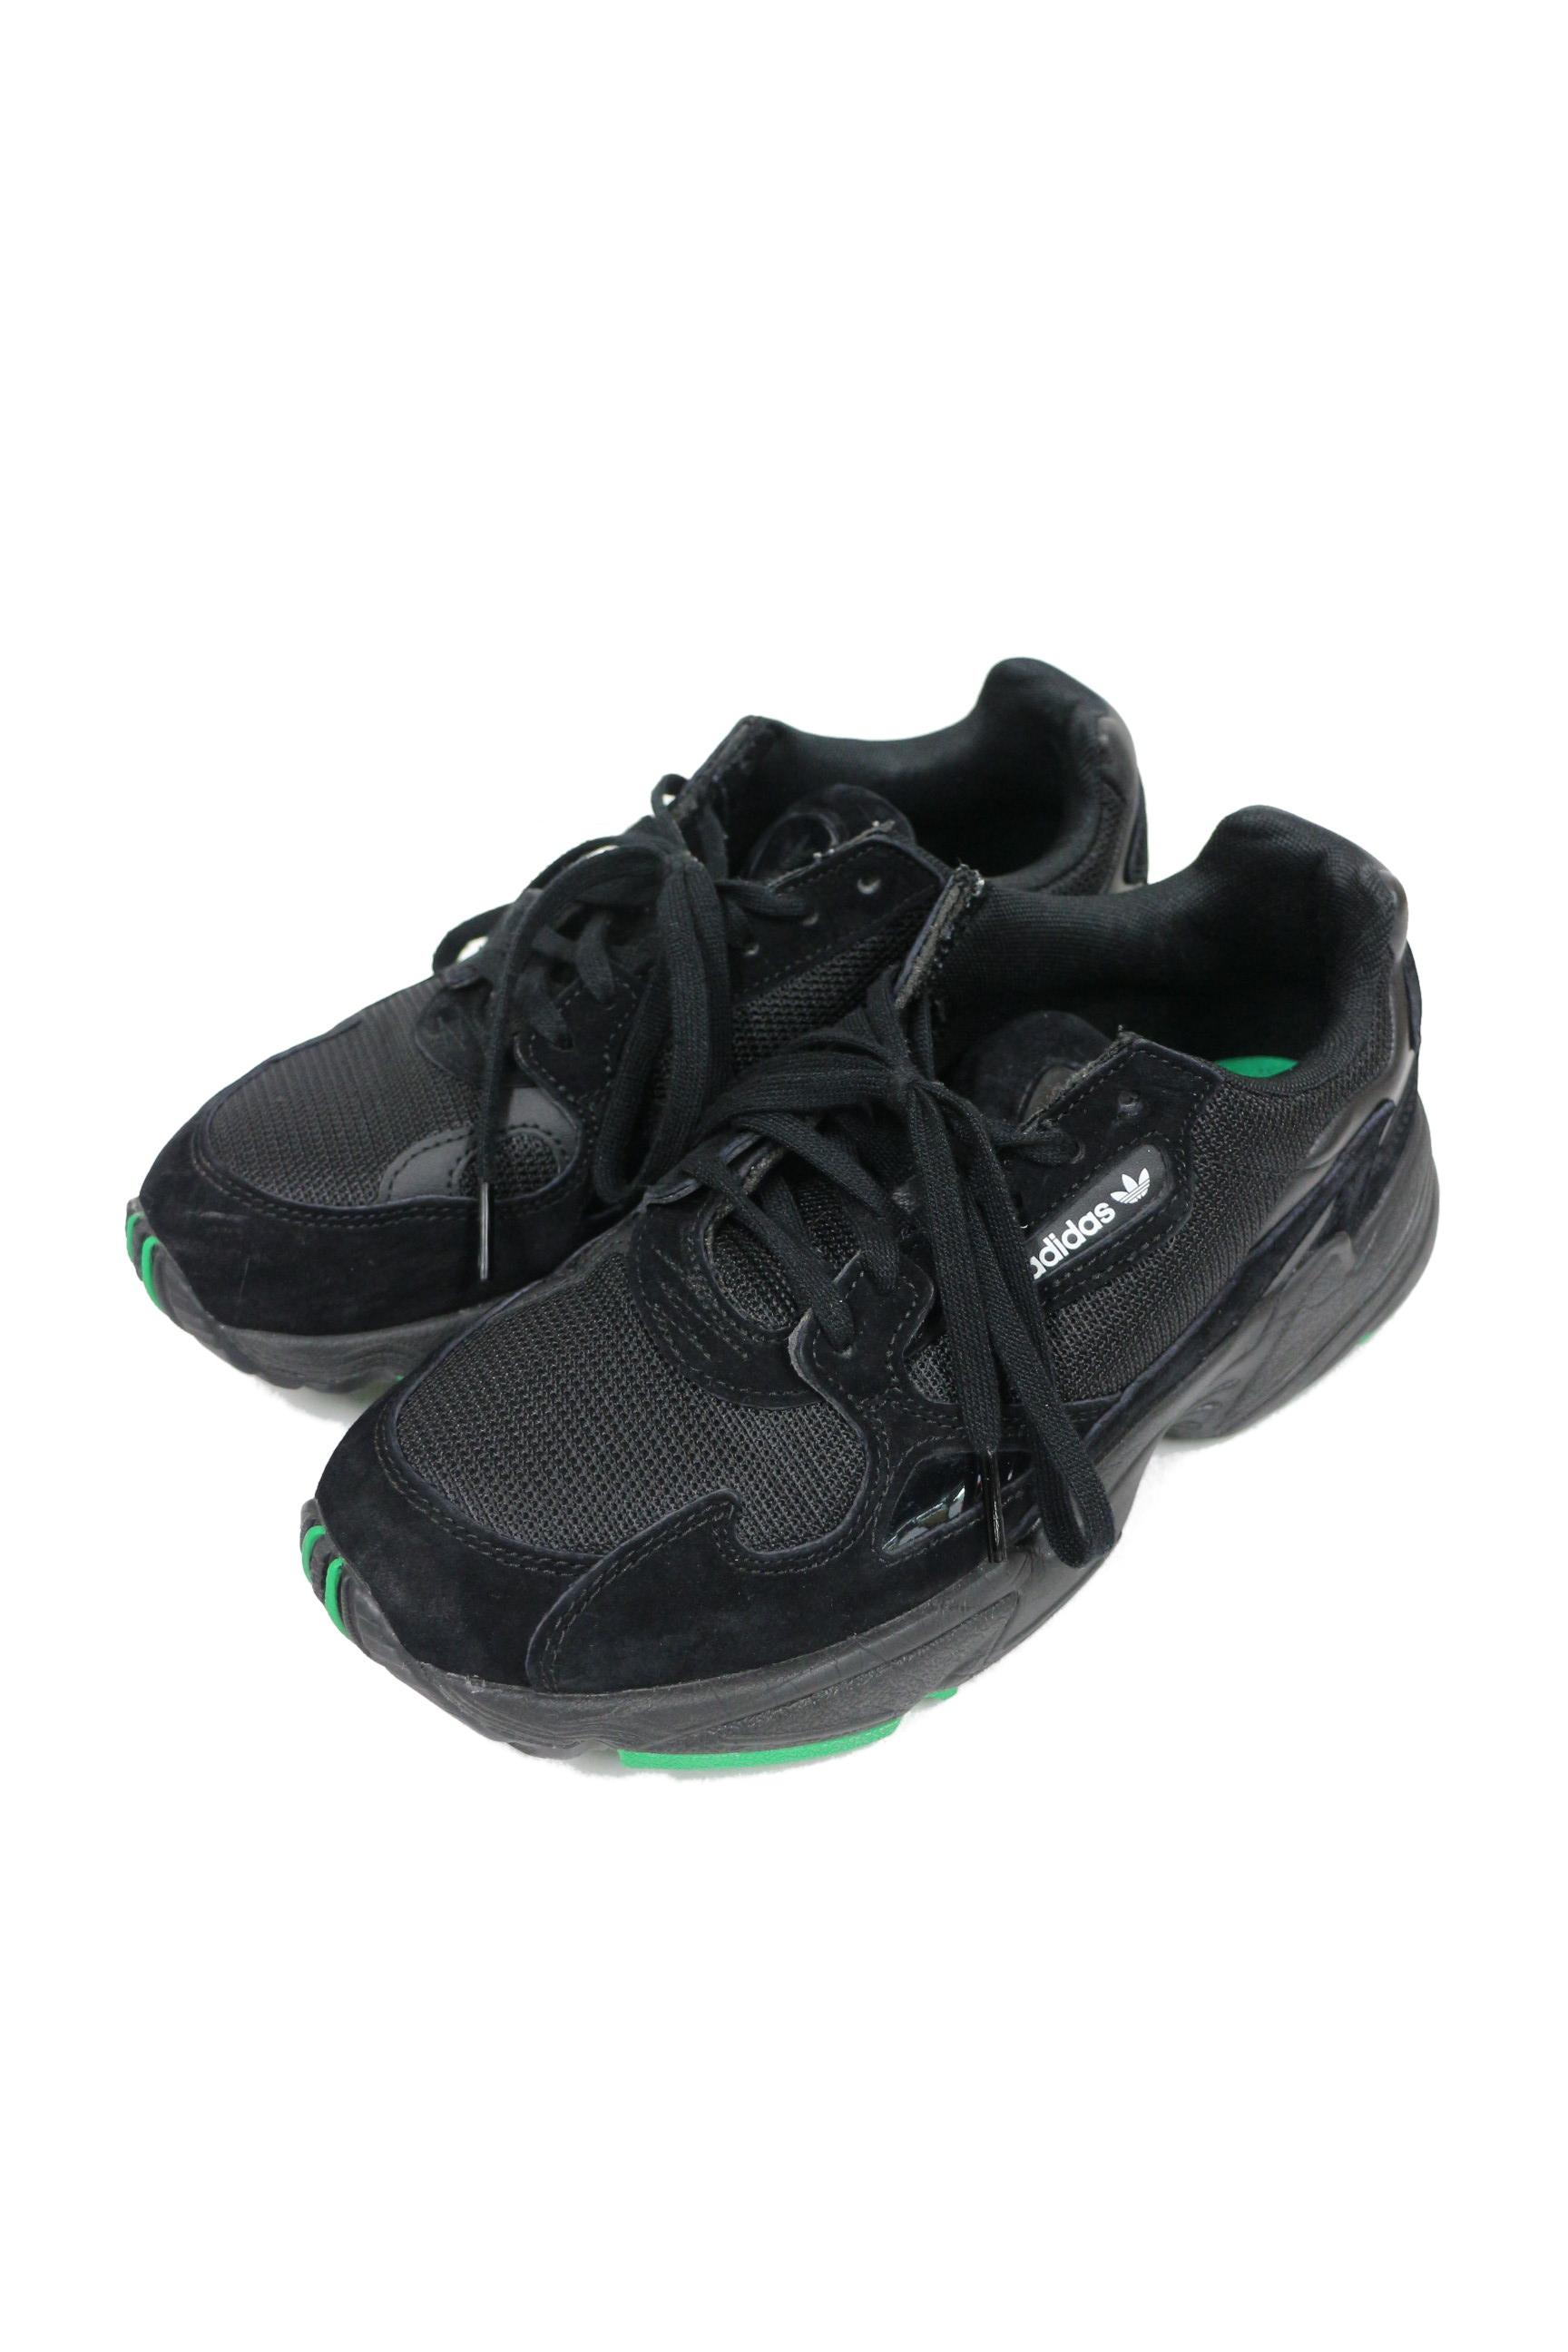 中古・古着通販 adidas (アディダス) FALCON サイズ 24.5cm F97483 ... 9611358aa